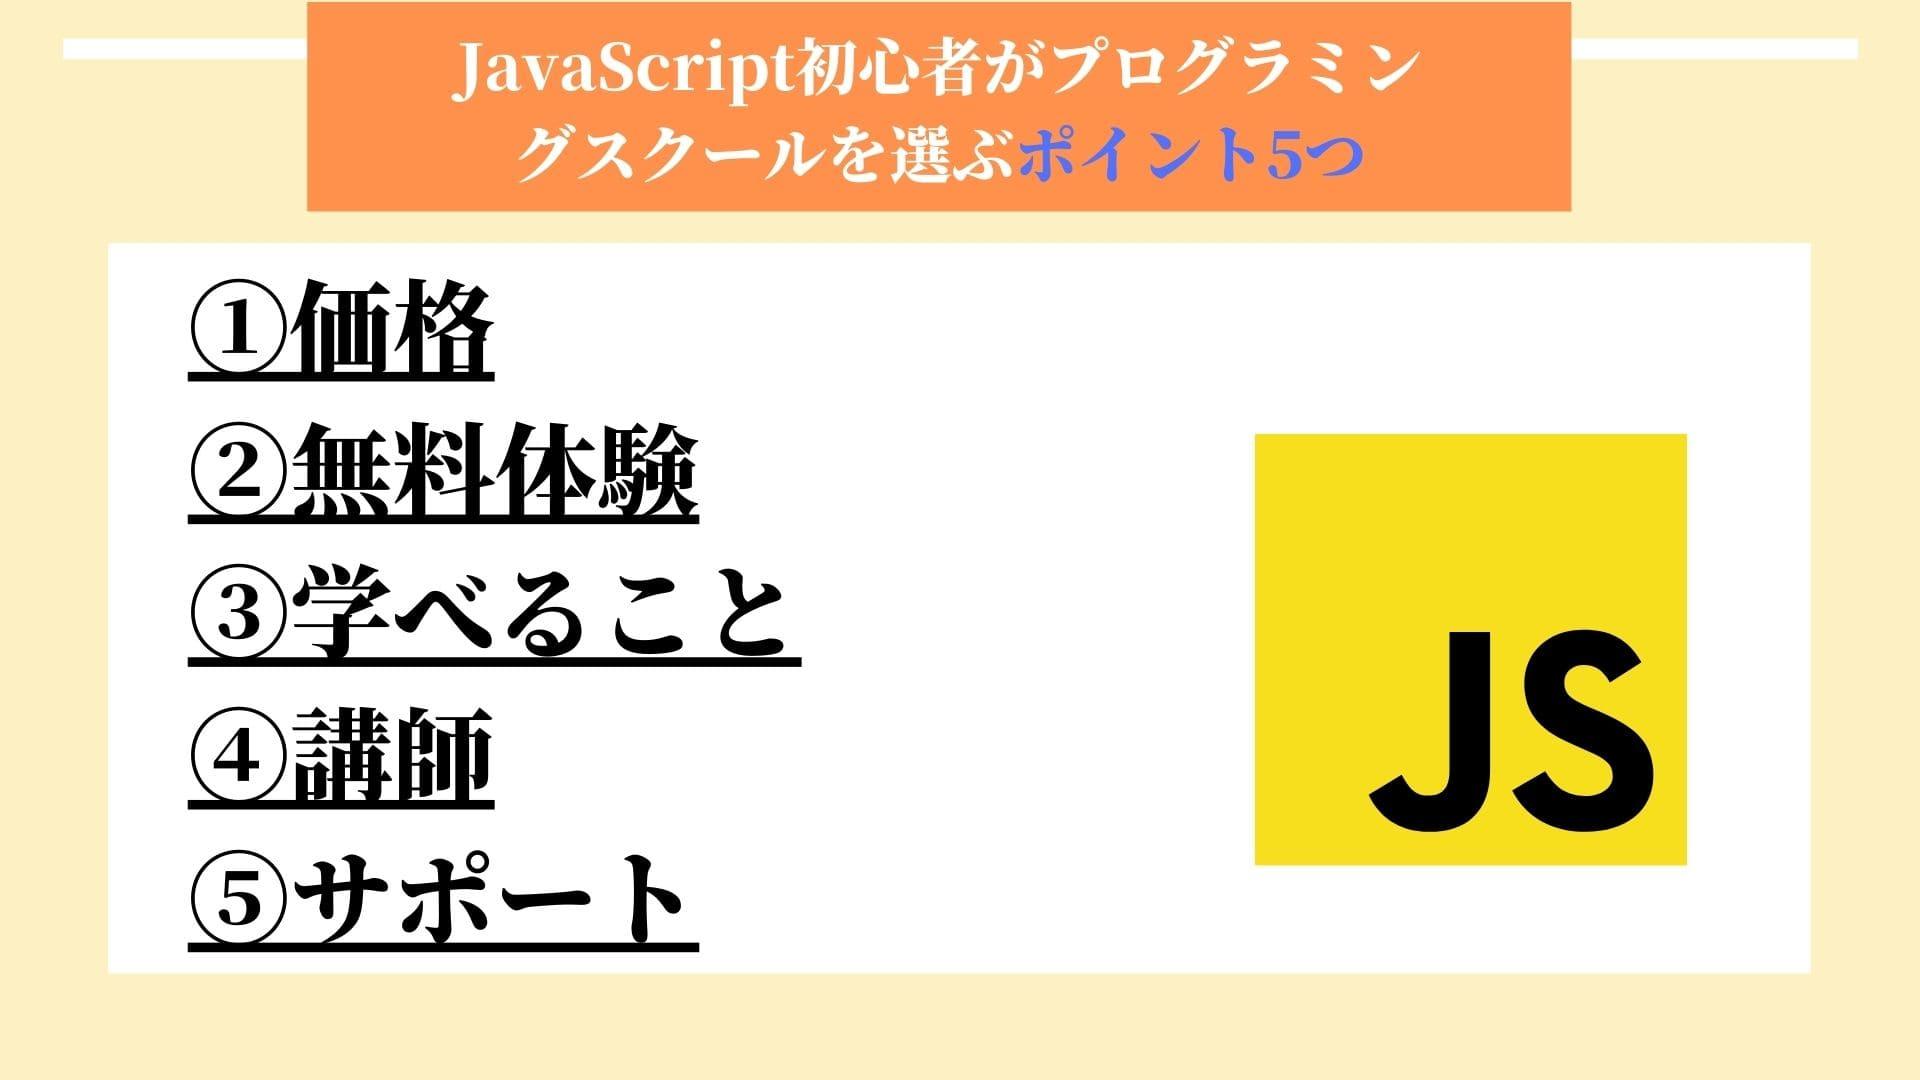 JavaScript初心者 プログラミングスクール